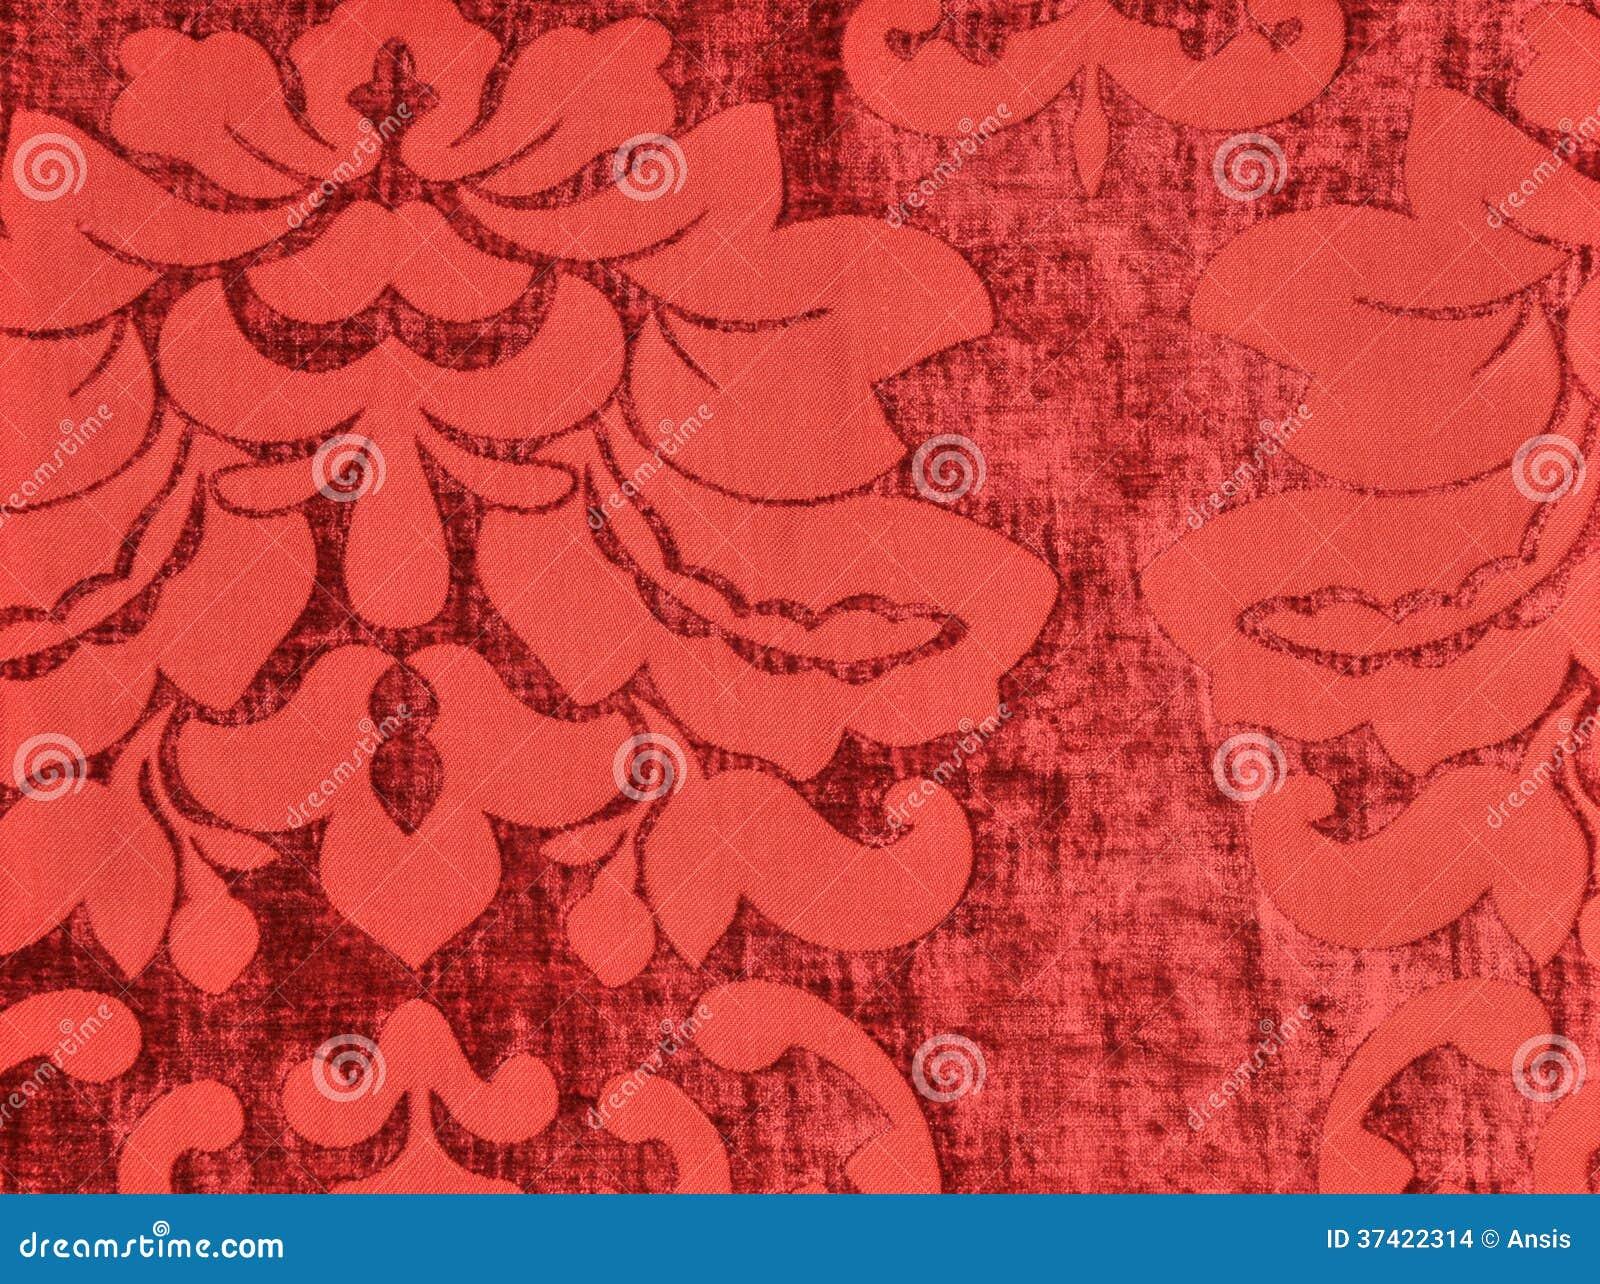 papier peint de tissu de velours photo stock image du configuration fond 37422314. Black Bedroom Furniture Sets. Home Design Ideas